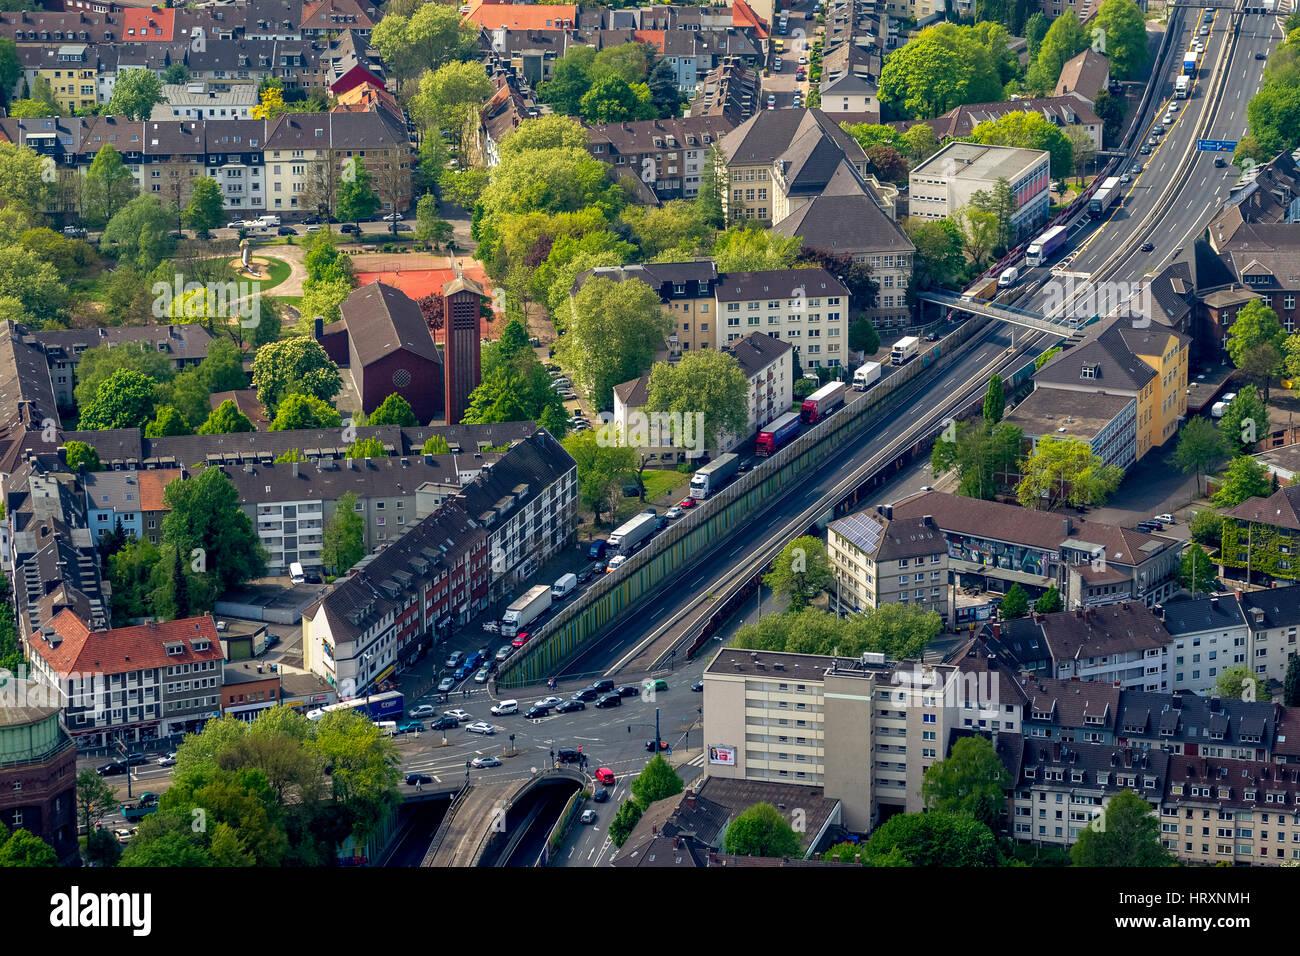 Foto aerea, bloccando la A40 in direzione di Bochum e bloccando la A52 prima della salita alla A40, Essen, la zona Immagini Stock